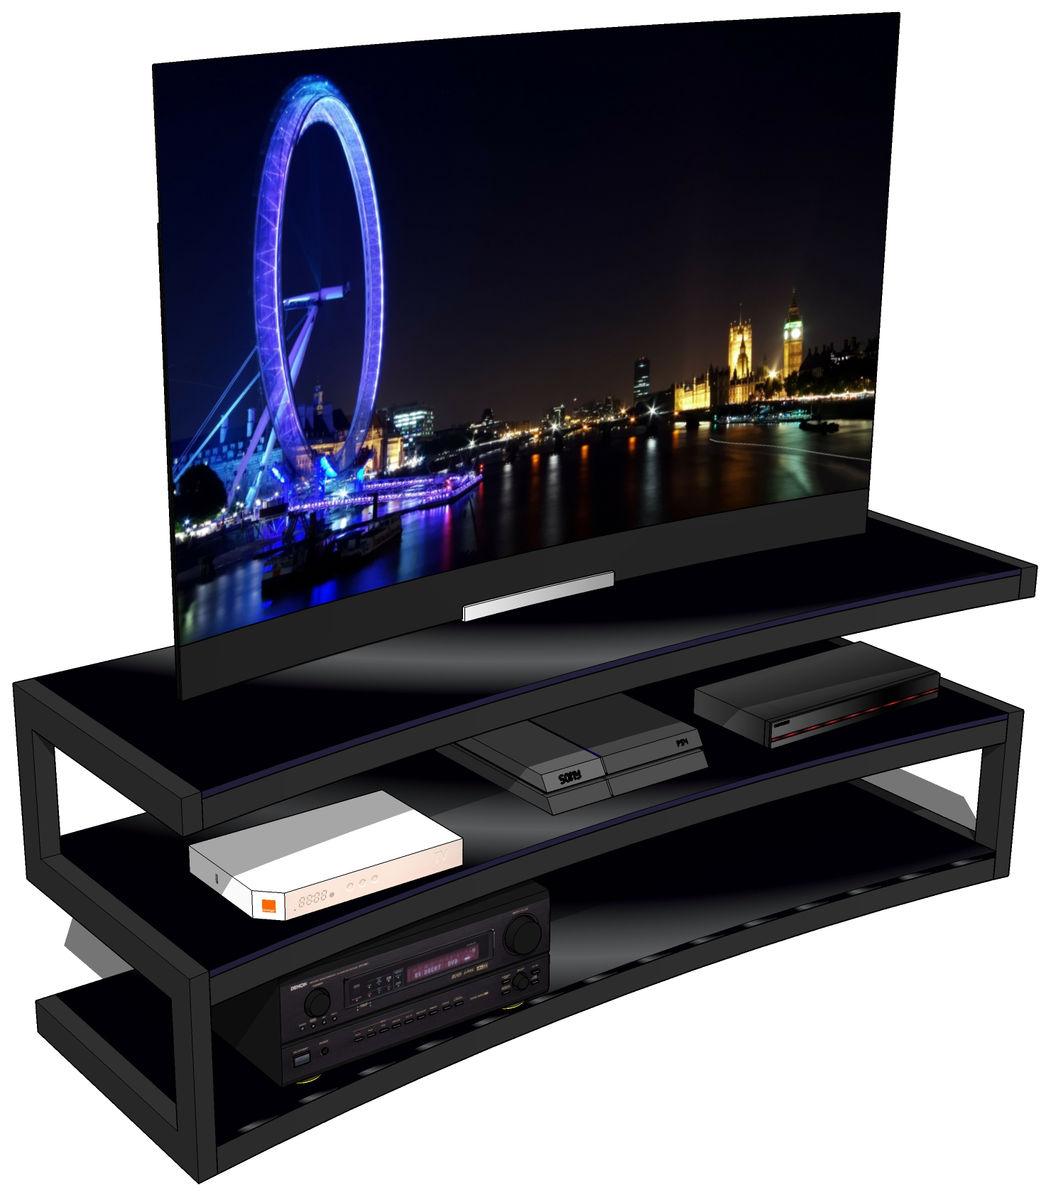 comment profiter pleinement de ses jeux vid o son vid. Black Bedroom Furniture Sets. Home Design Ideas